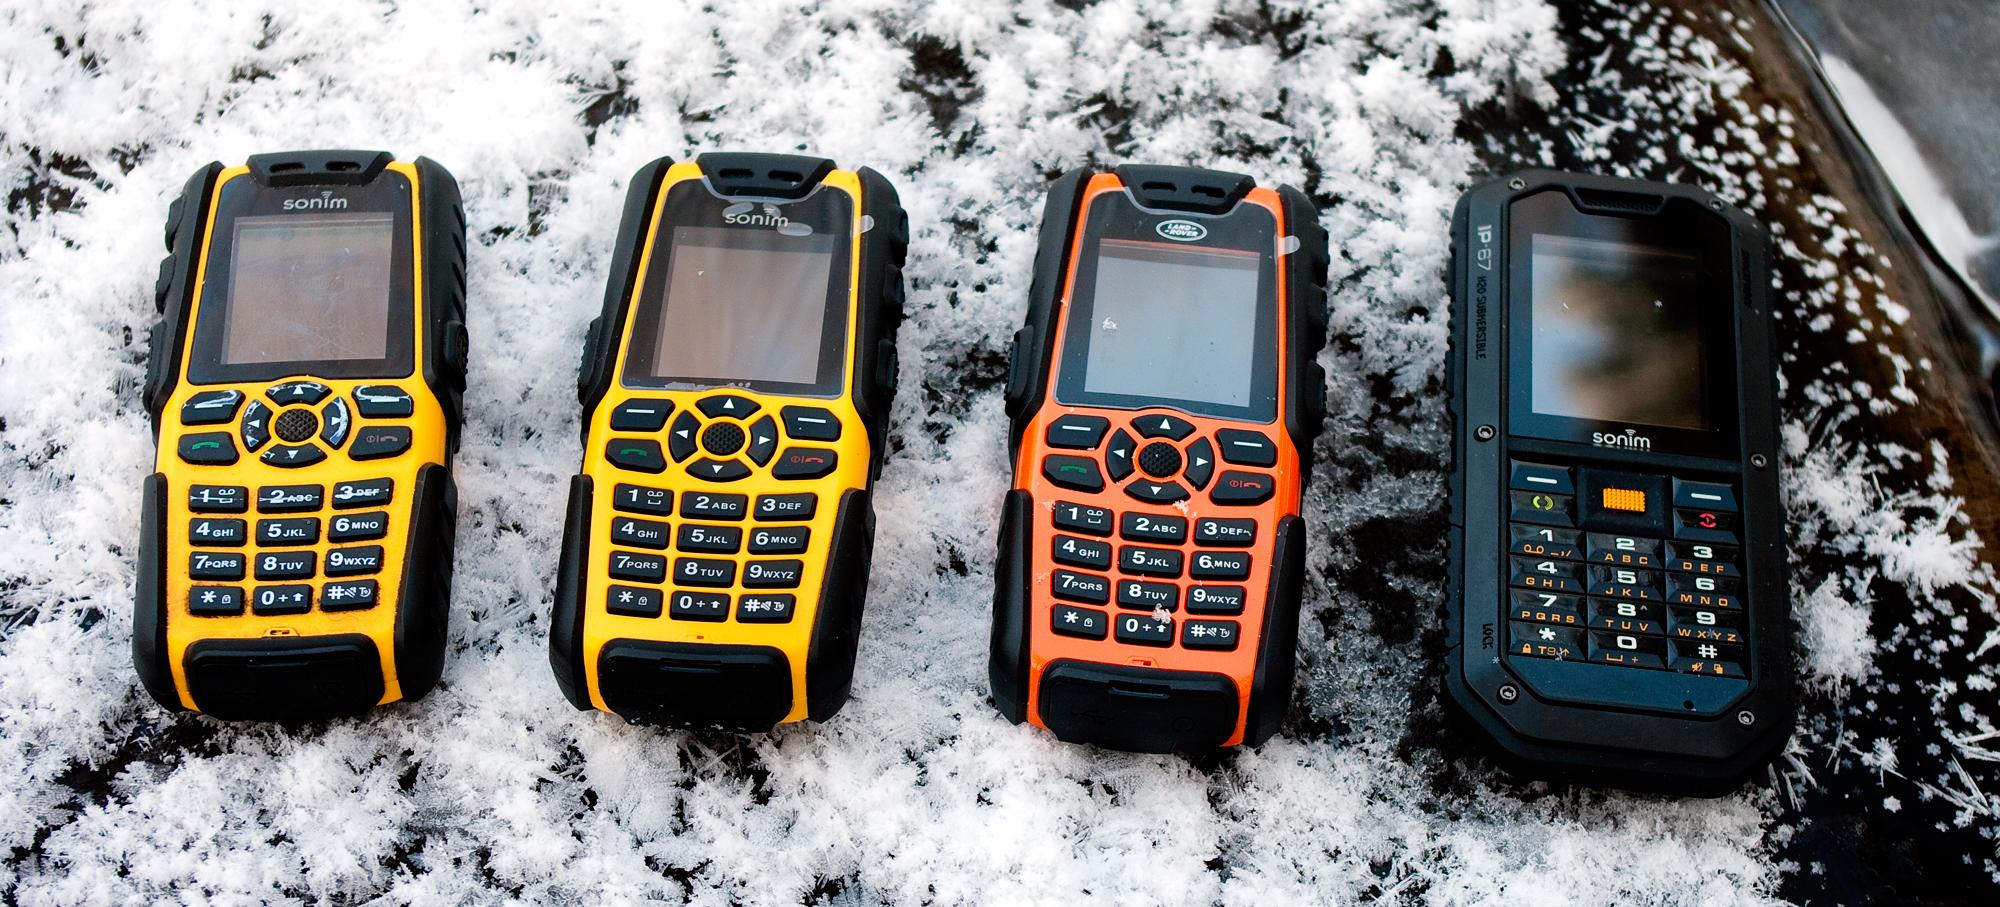 7911e70b8cc Sonimi mobiiltelefonid – läbi jää ja vee :: Digitest